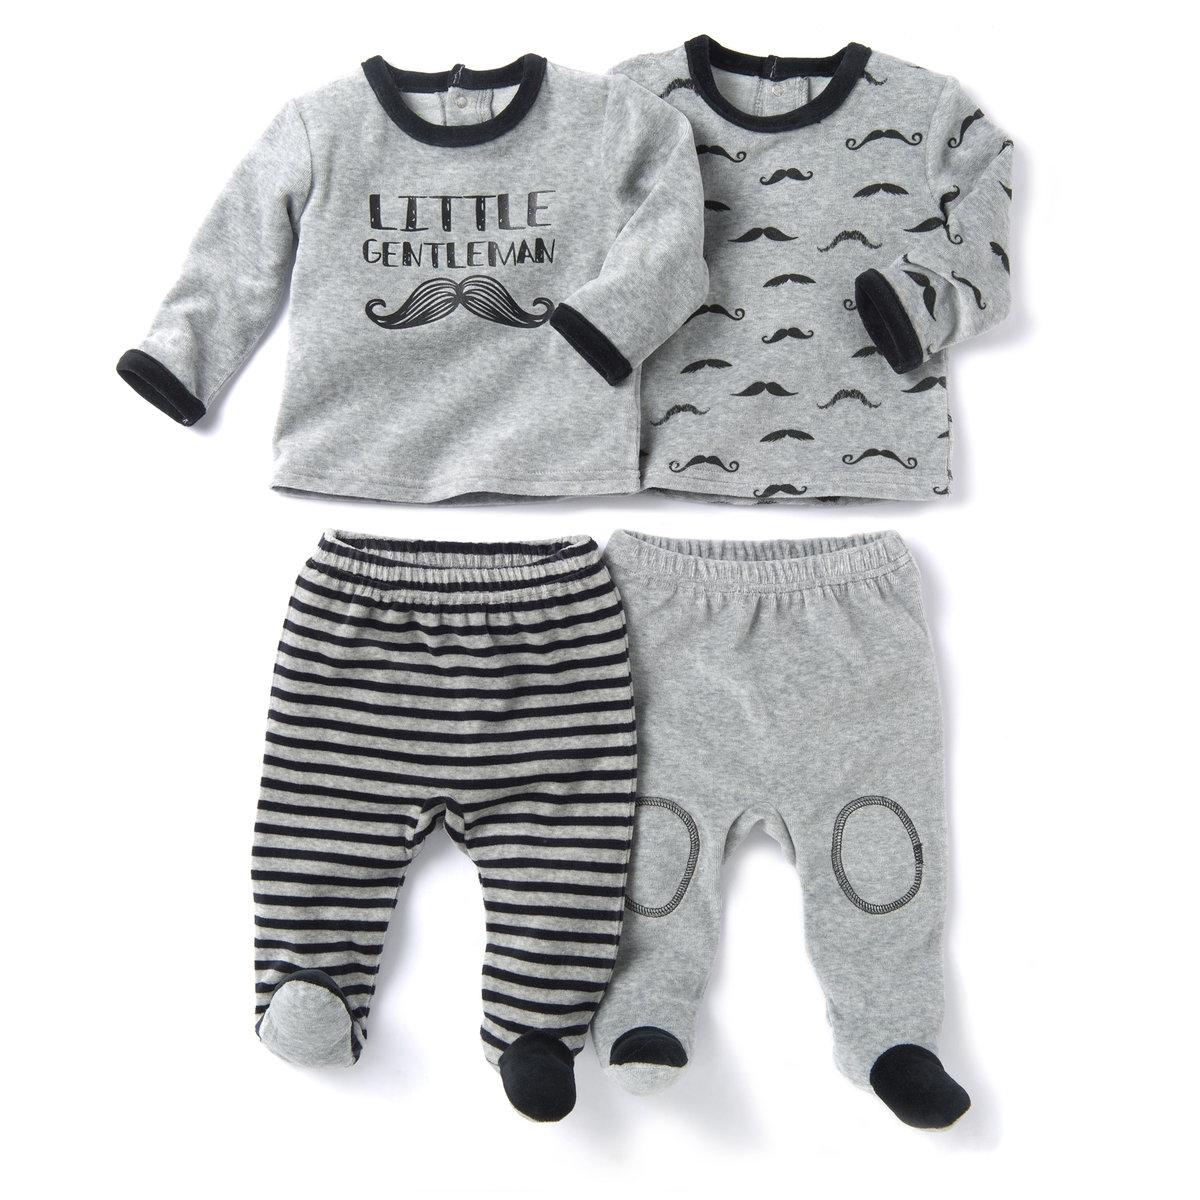 2 пижамы раздельные из велюра 0 мес-3 летТёплая и мягкая пижама из велюра, 75% хлопка, 25% полиэстера. В комплекте 2 пижамы : 1 пижама – однотонный верх с рисунком спереди и низом в полоску + 1 пижама – с рисунком усысверху и низ с прострочкой на коленях.Верх с разрезом горловины до серердины спины, чтобы облегить одевание.    Брюки со вшитыми носочками и эластичным поясом.    Нескользящая подошва начиная с размера 74 см (12 месяцев), эластичные вставки сзади для лучшей поддержки.Удобные планки застежки на кнопки соединяют кофточку и брюки !<br><br>Цвет: серый меланж + серый меланж<br>Размер: 0 мес. - 50 см.1 мес. - 54 см.3 мес. - 60 см.6 мес. - 67 см.1 год - 74 см.18 мес. - 81 см.3 года - 94 см